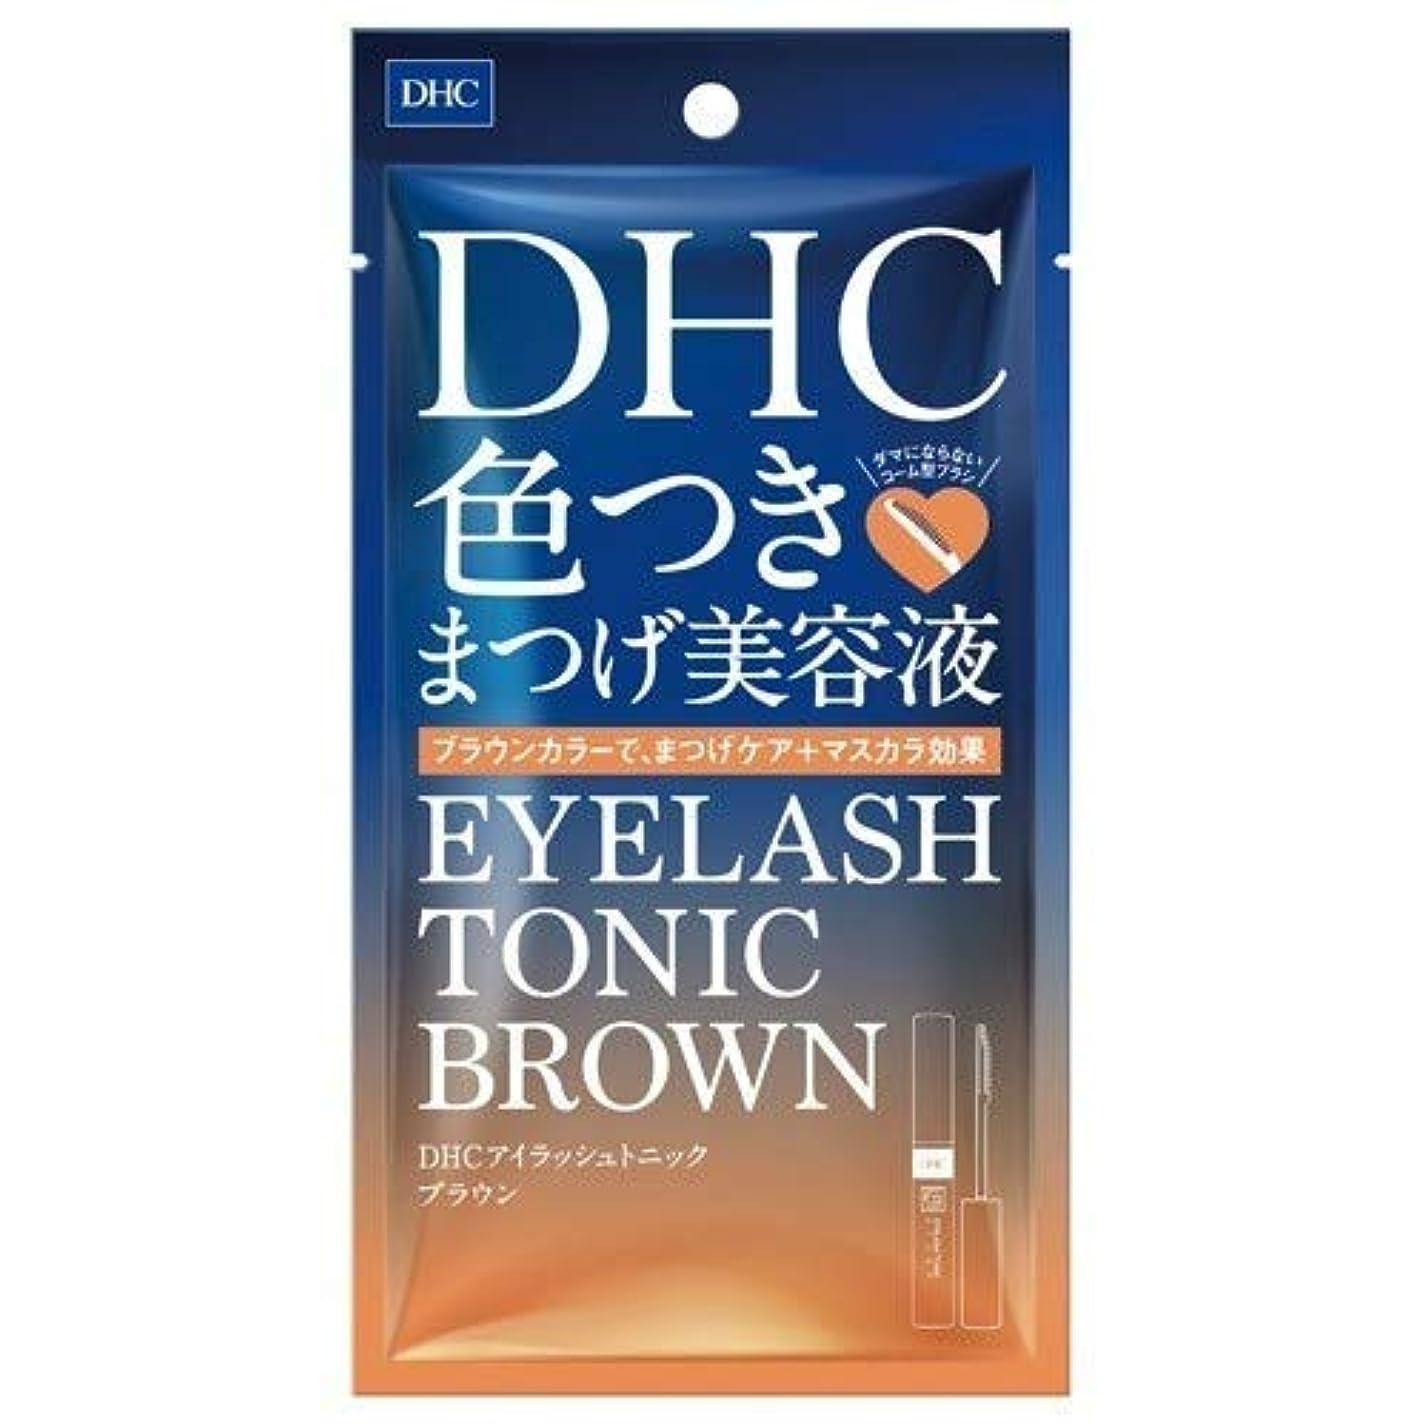 建設垂直糞DHC アイラッシュトニック ブラウン 6g × 24個セット